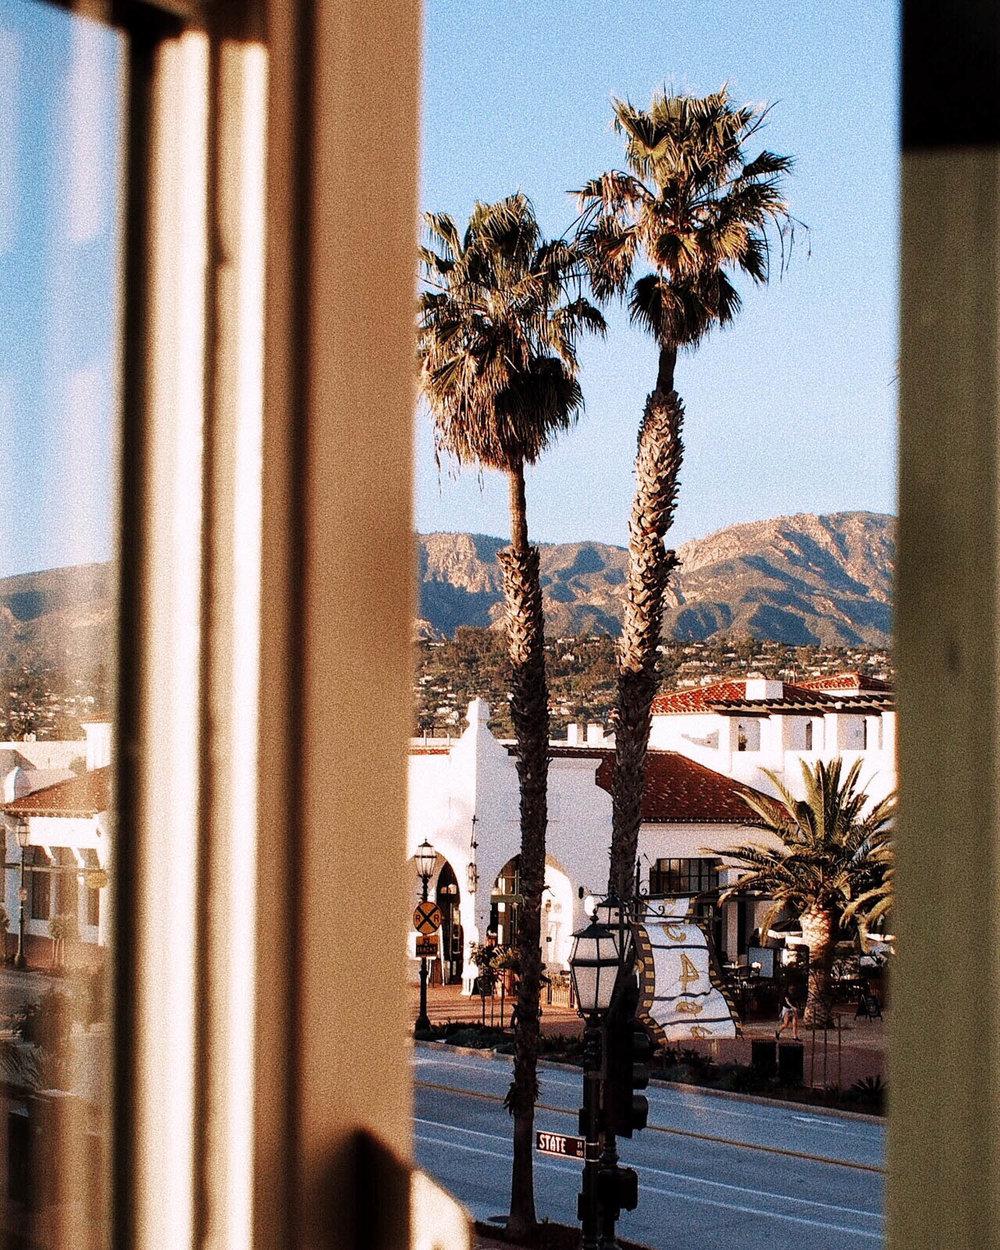 48 hours in Santa Barbara | A Fabulous Fete